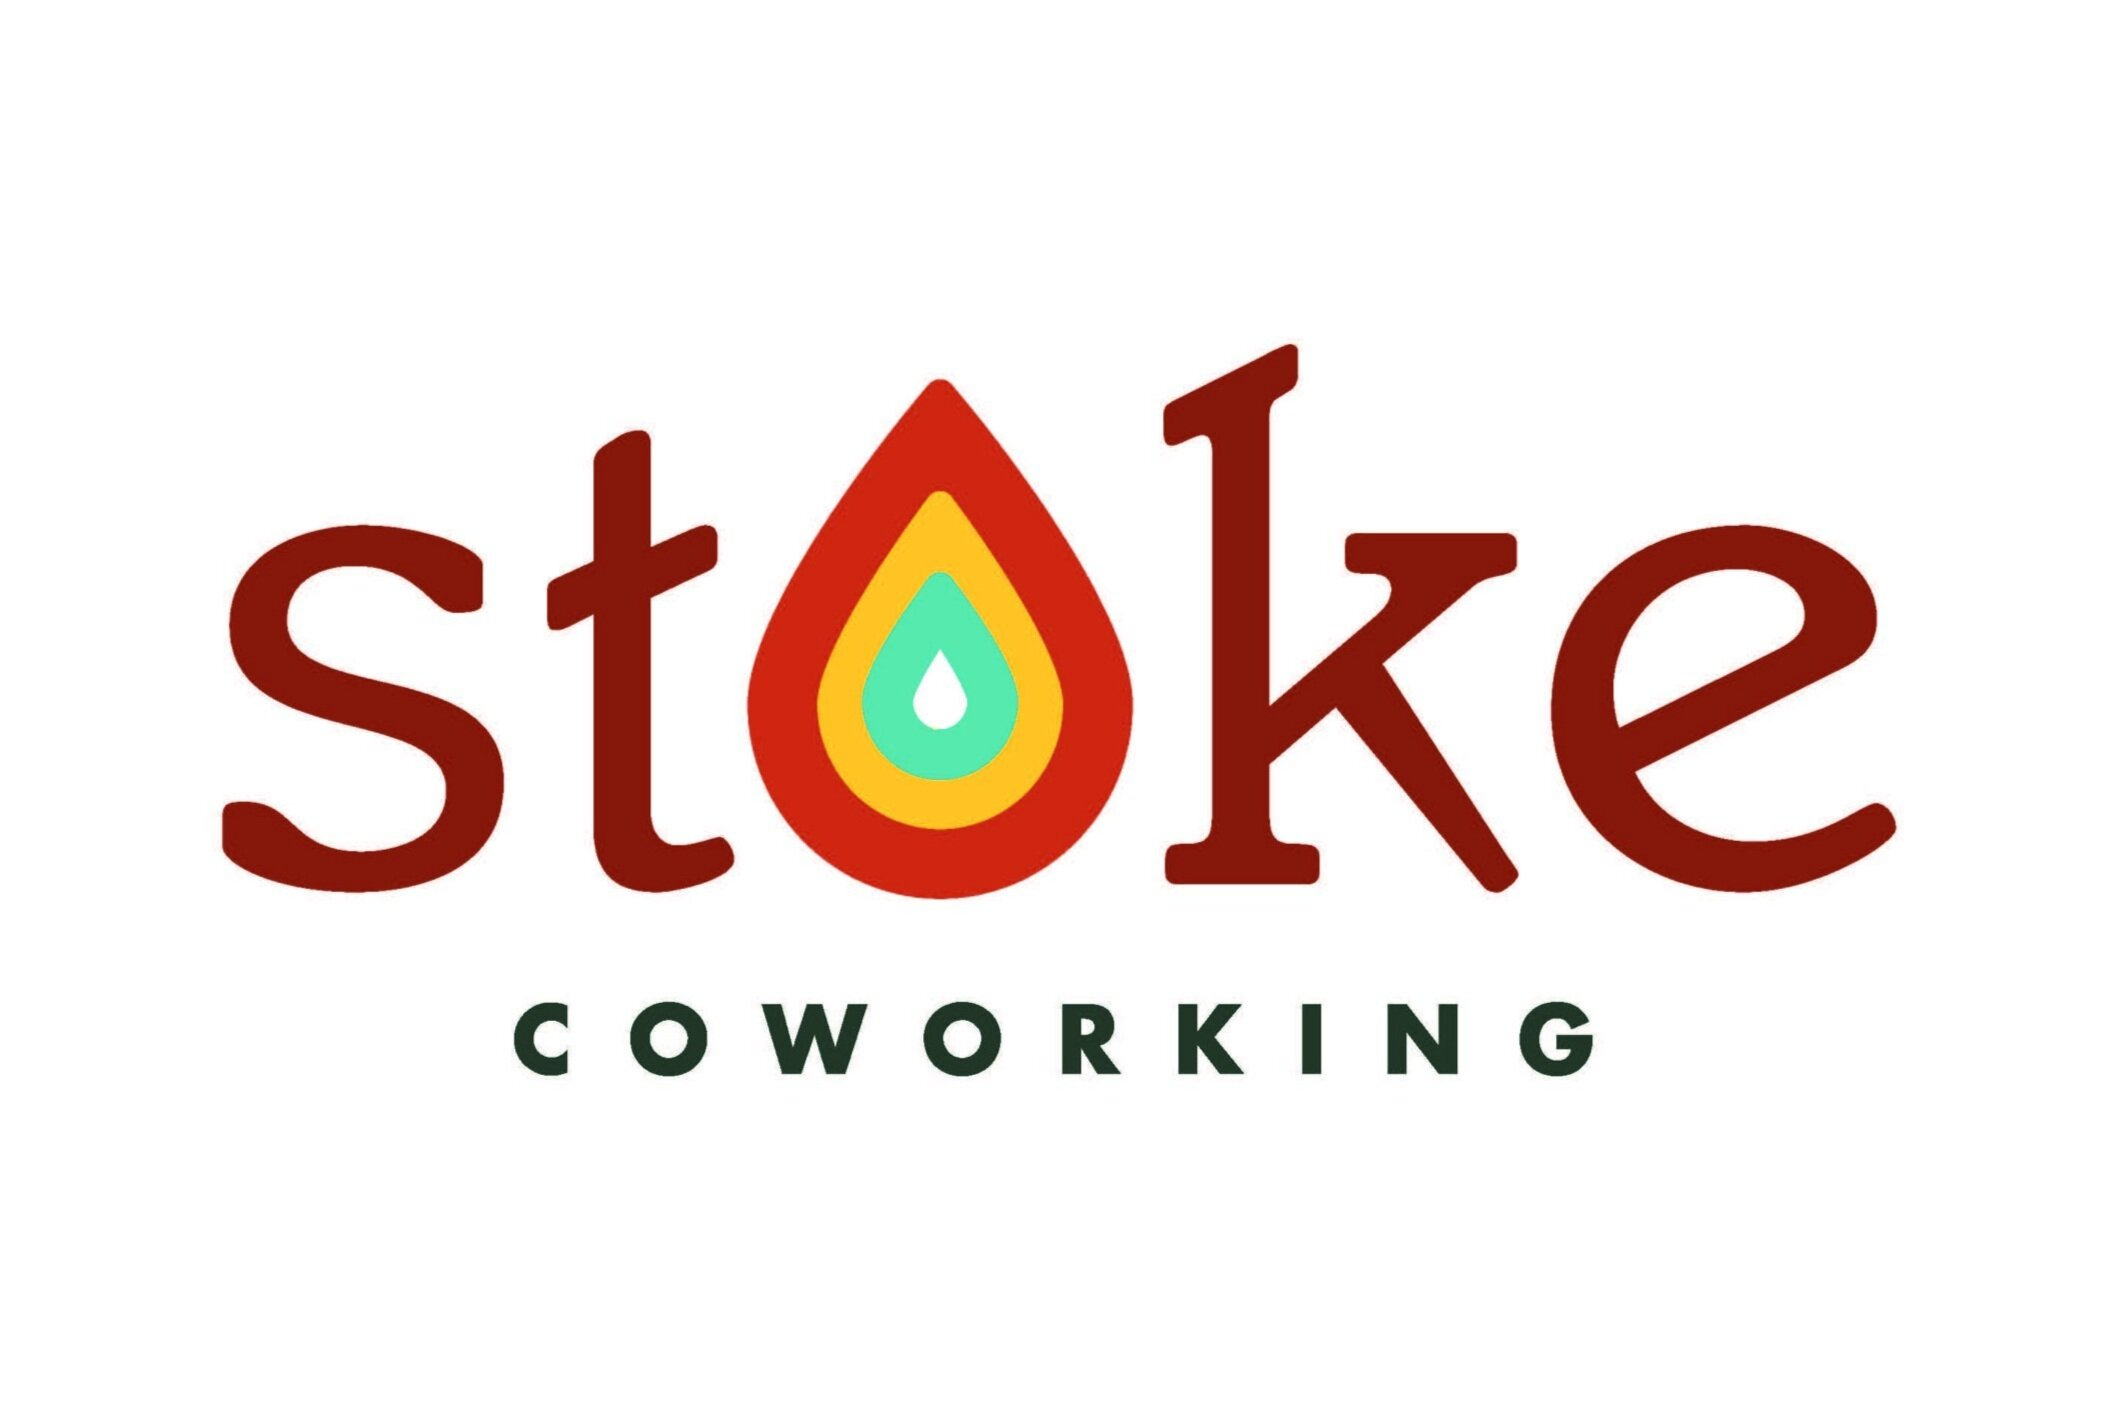 StokeCoworking_CMYK.jpg